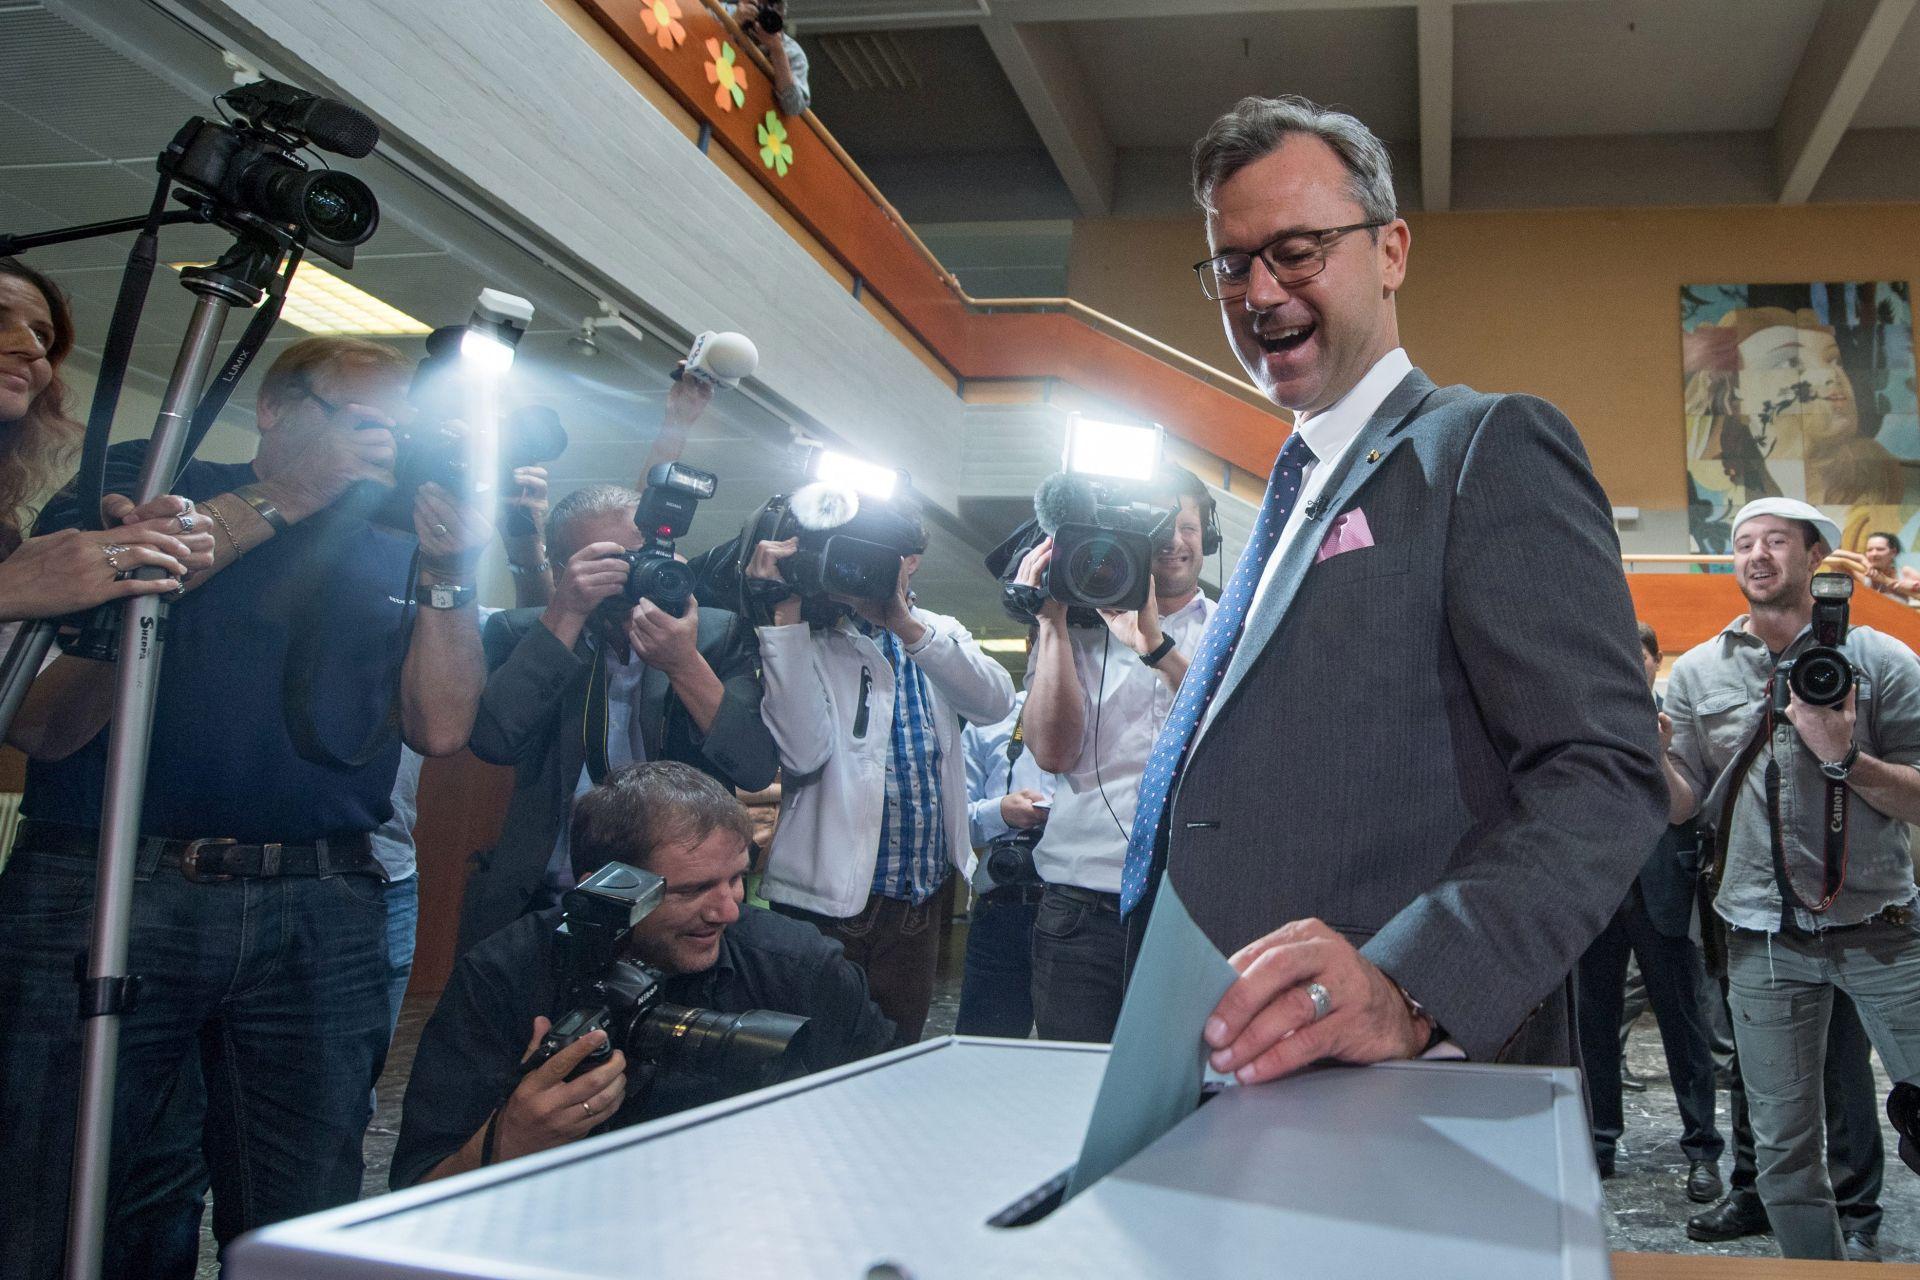 IZBORI U AUSTRIJI: Dvojica predsjedničkih kandidata izjednačeni